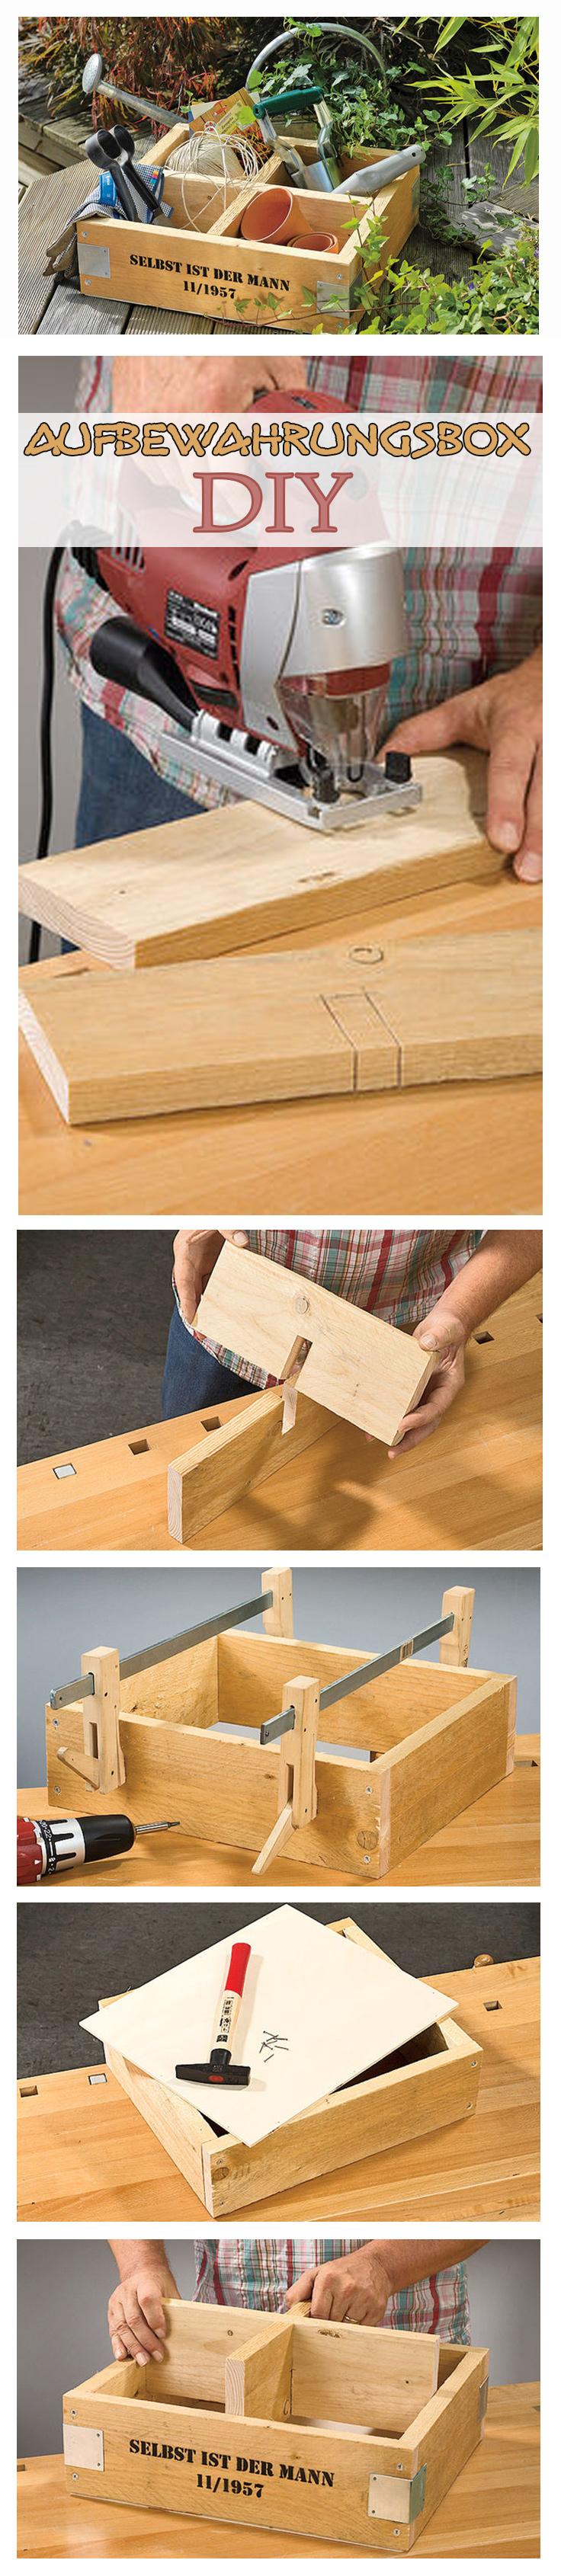 garten aufbewahrungsbox gartendeko selbstgemacht pinterest garten holz und box. Black Bedroom Furniture Sets. Home Design Ideas